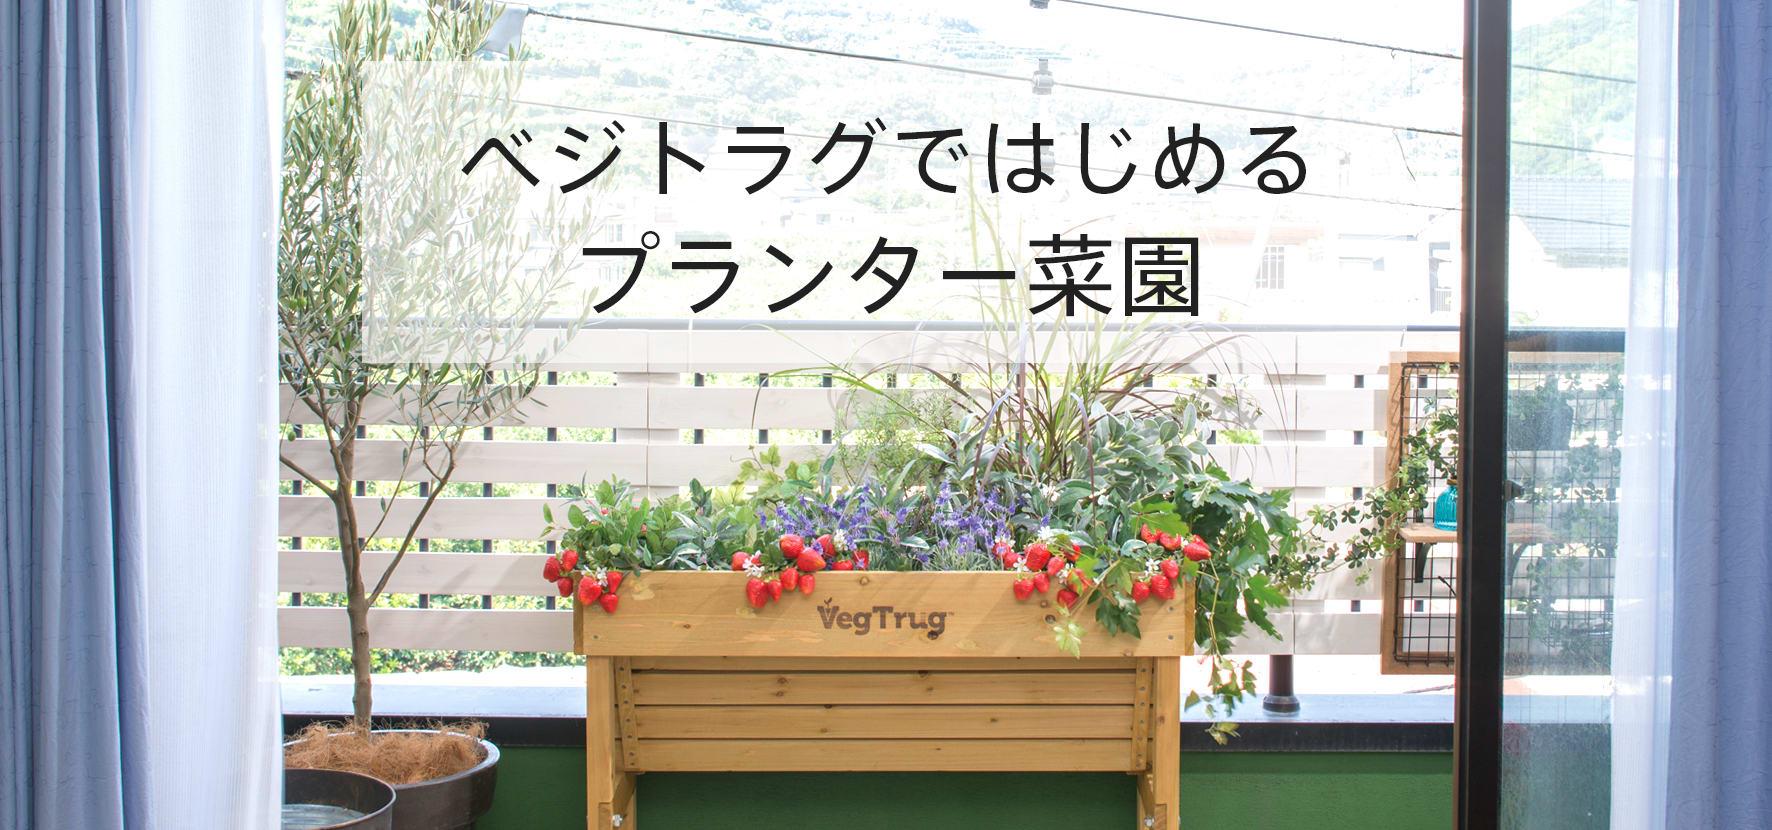 ベジトラグを使用した家庭菜園日記